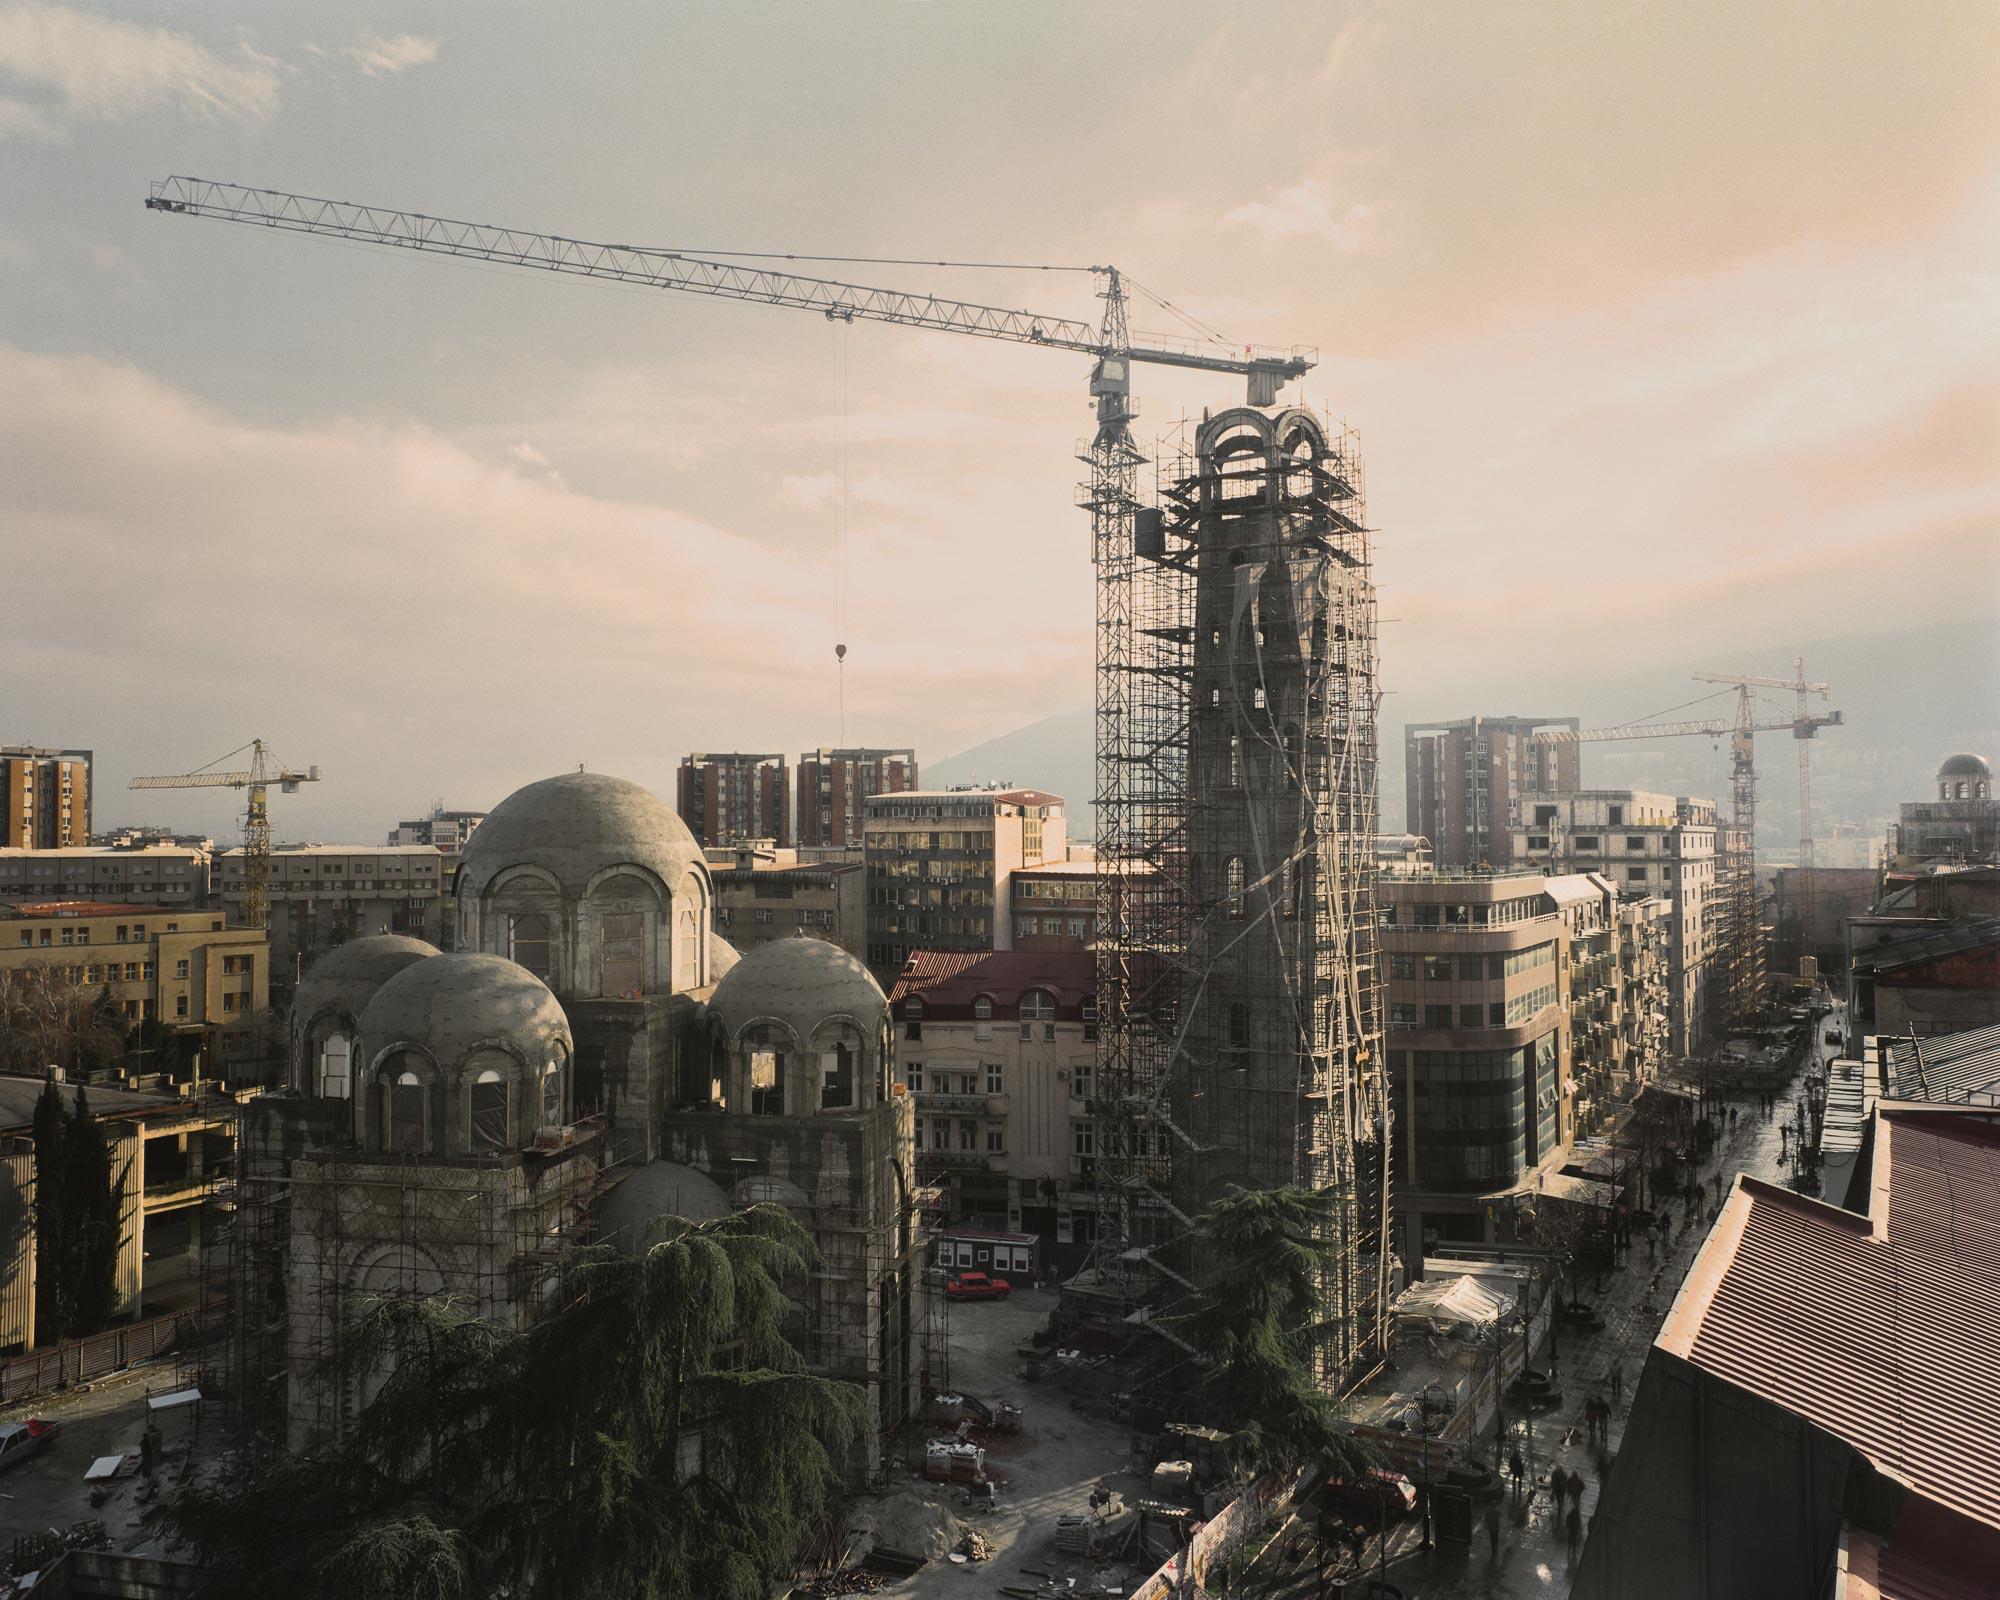 Столица Македонии Скопье неоднократно разрушалась и перестраивалась. В 1963 году землетрясение разрушило 80% города и привело к гибели тысячи человек, еще 200 тыс. остались без крыши над головой. Международное сообщество выразило готовность помочь, но ни один из проектов для Скопье так и не был завершен. Спустя 50 лет консервативное правительство инициировало национальный строительный проект, цель которого возродить ощущение связи с империей Александра Македонского